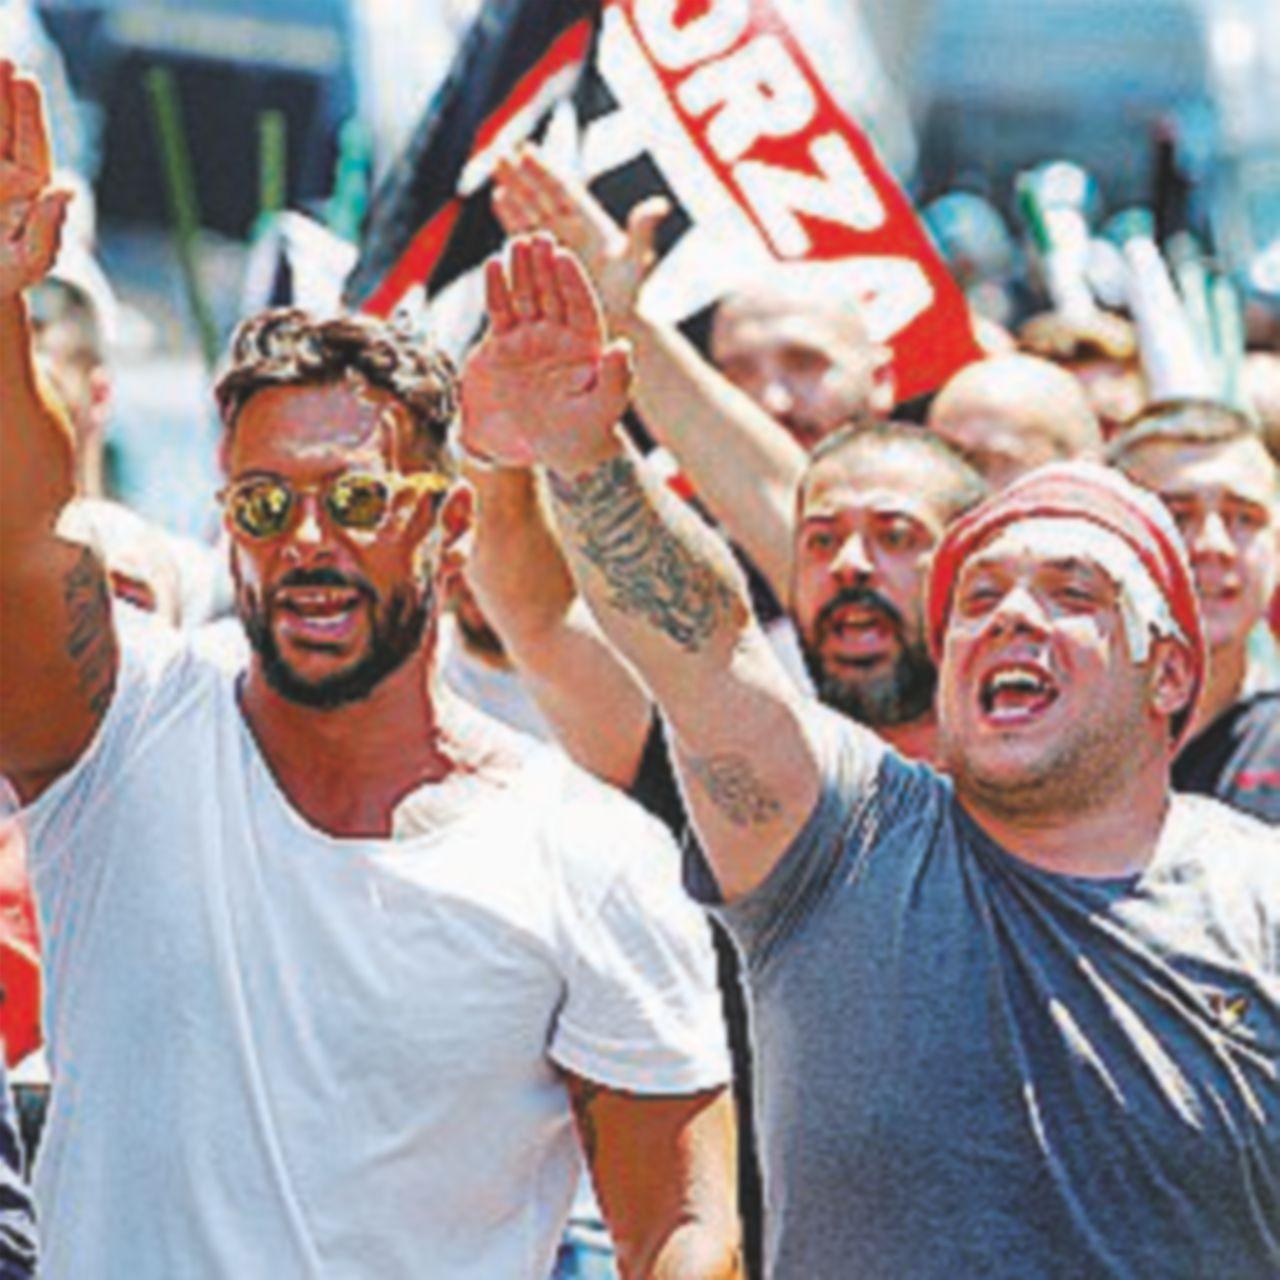 Poca gente e tante botte: così protesta l'estrema destra